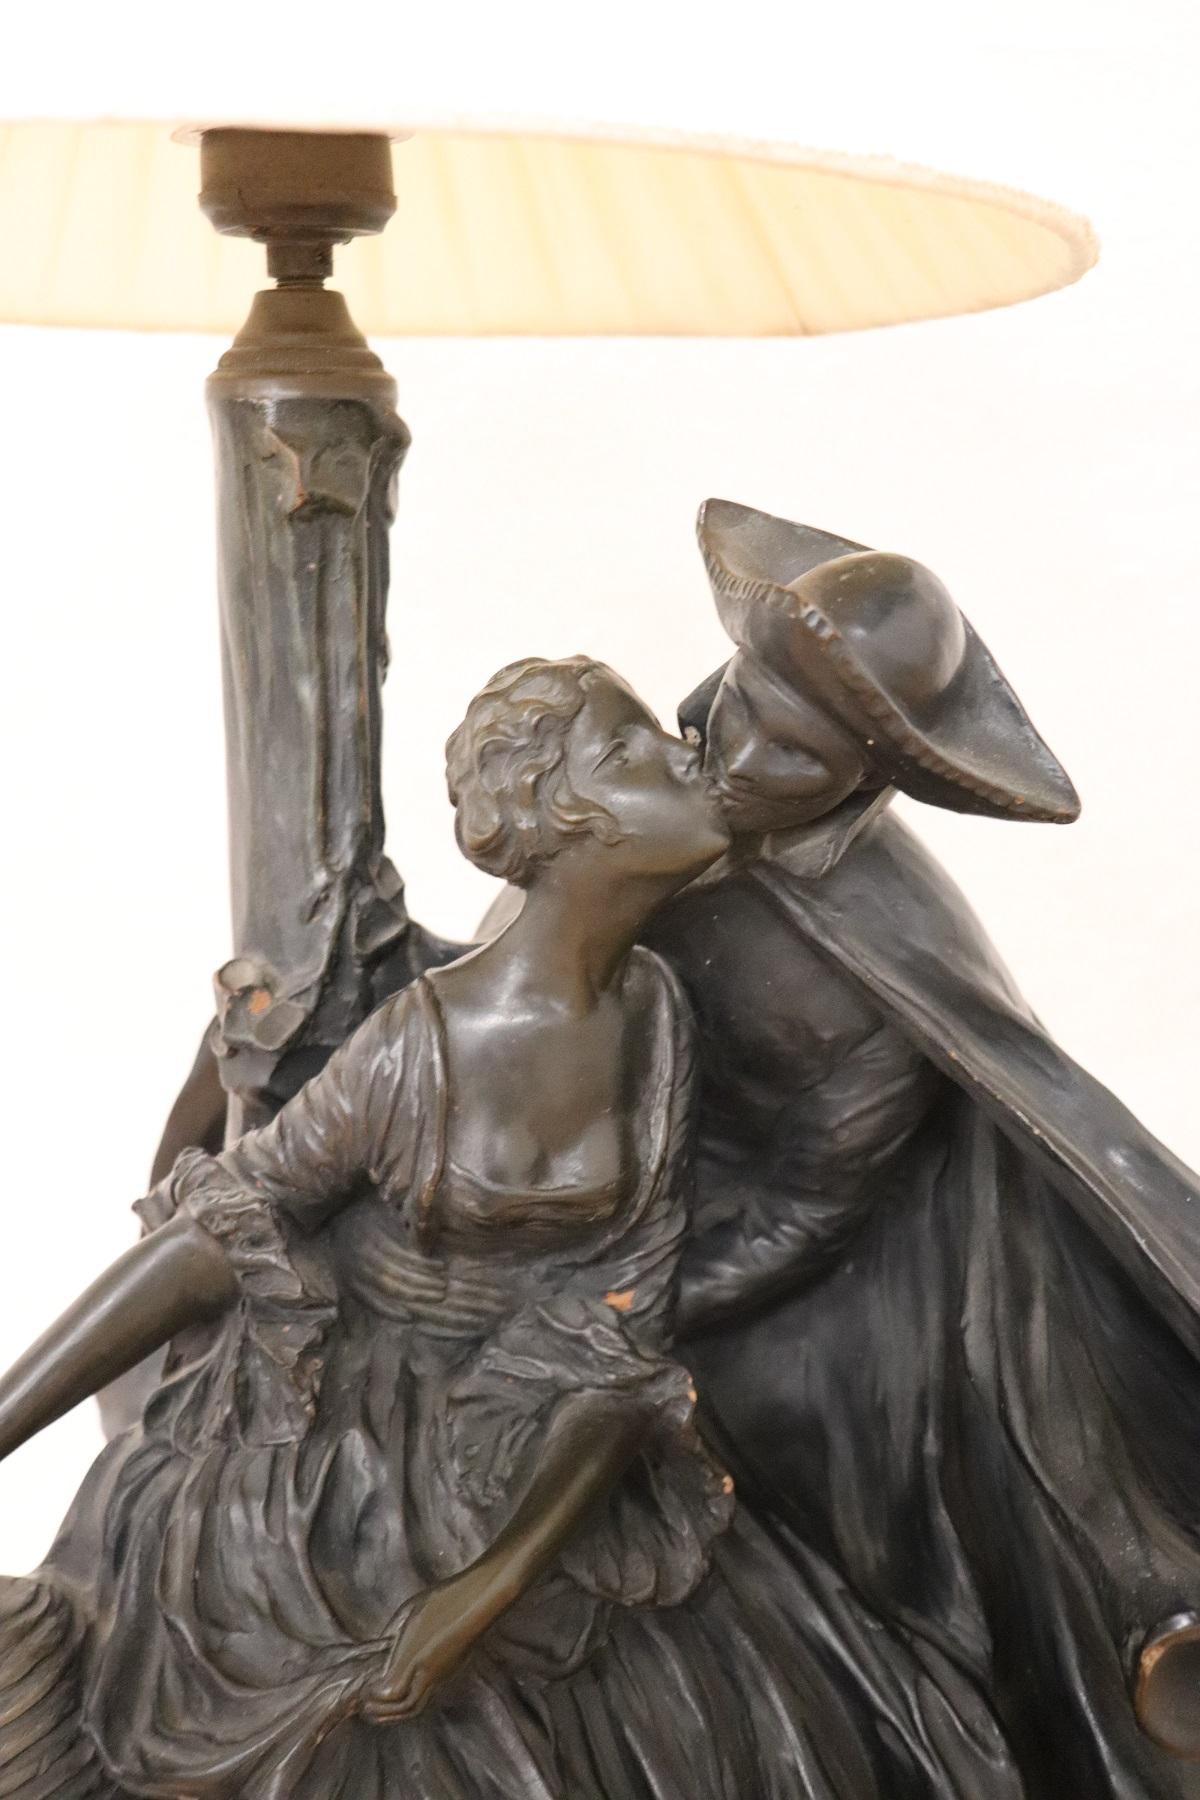 Grande Lampada Da Tavolo Art Nouveau Con Scultura In Terracotta Prezzo Trattabile Antiquariato Su Anticoantico